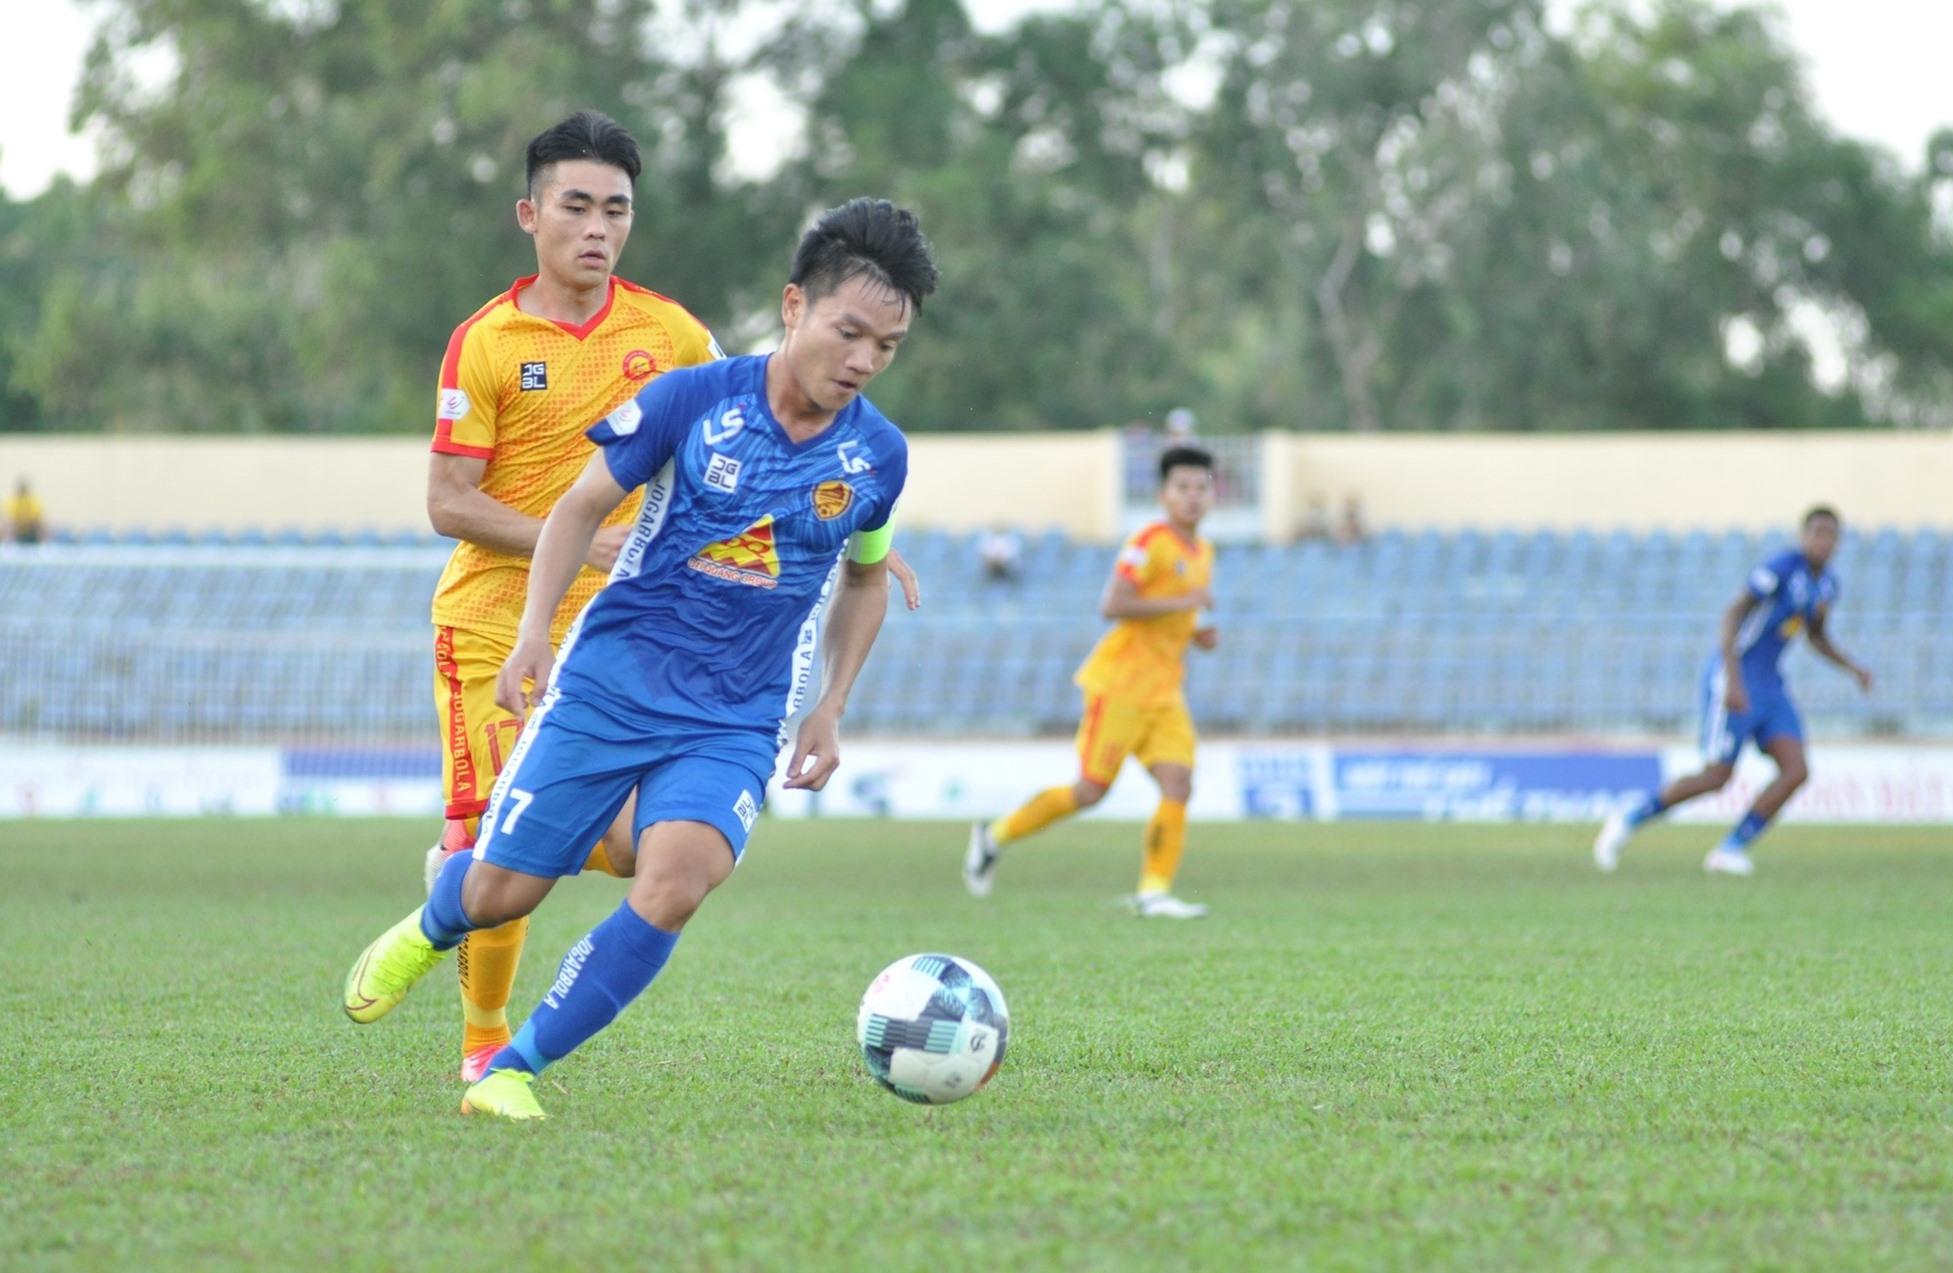 Đội trưởng Thanh Trung rất nỗ lực song không thể giúp Quảng Nam có điểm trên sân Thanh Hóa. Ảnh: T.VY